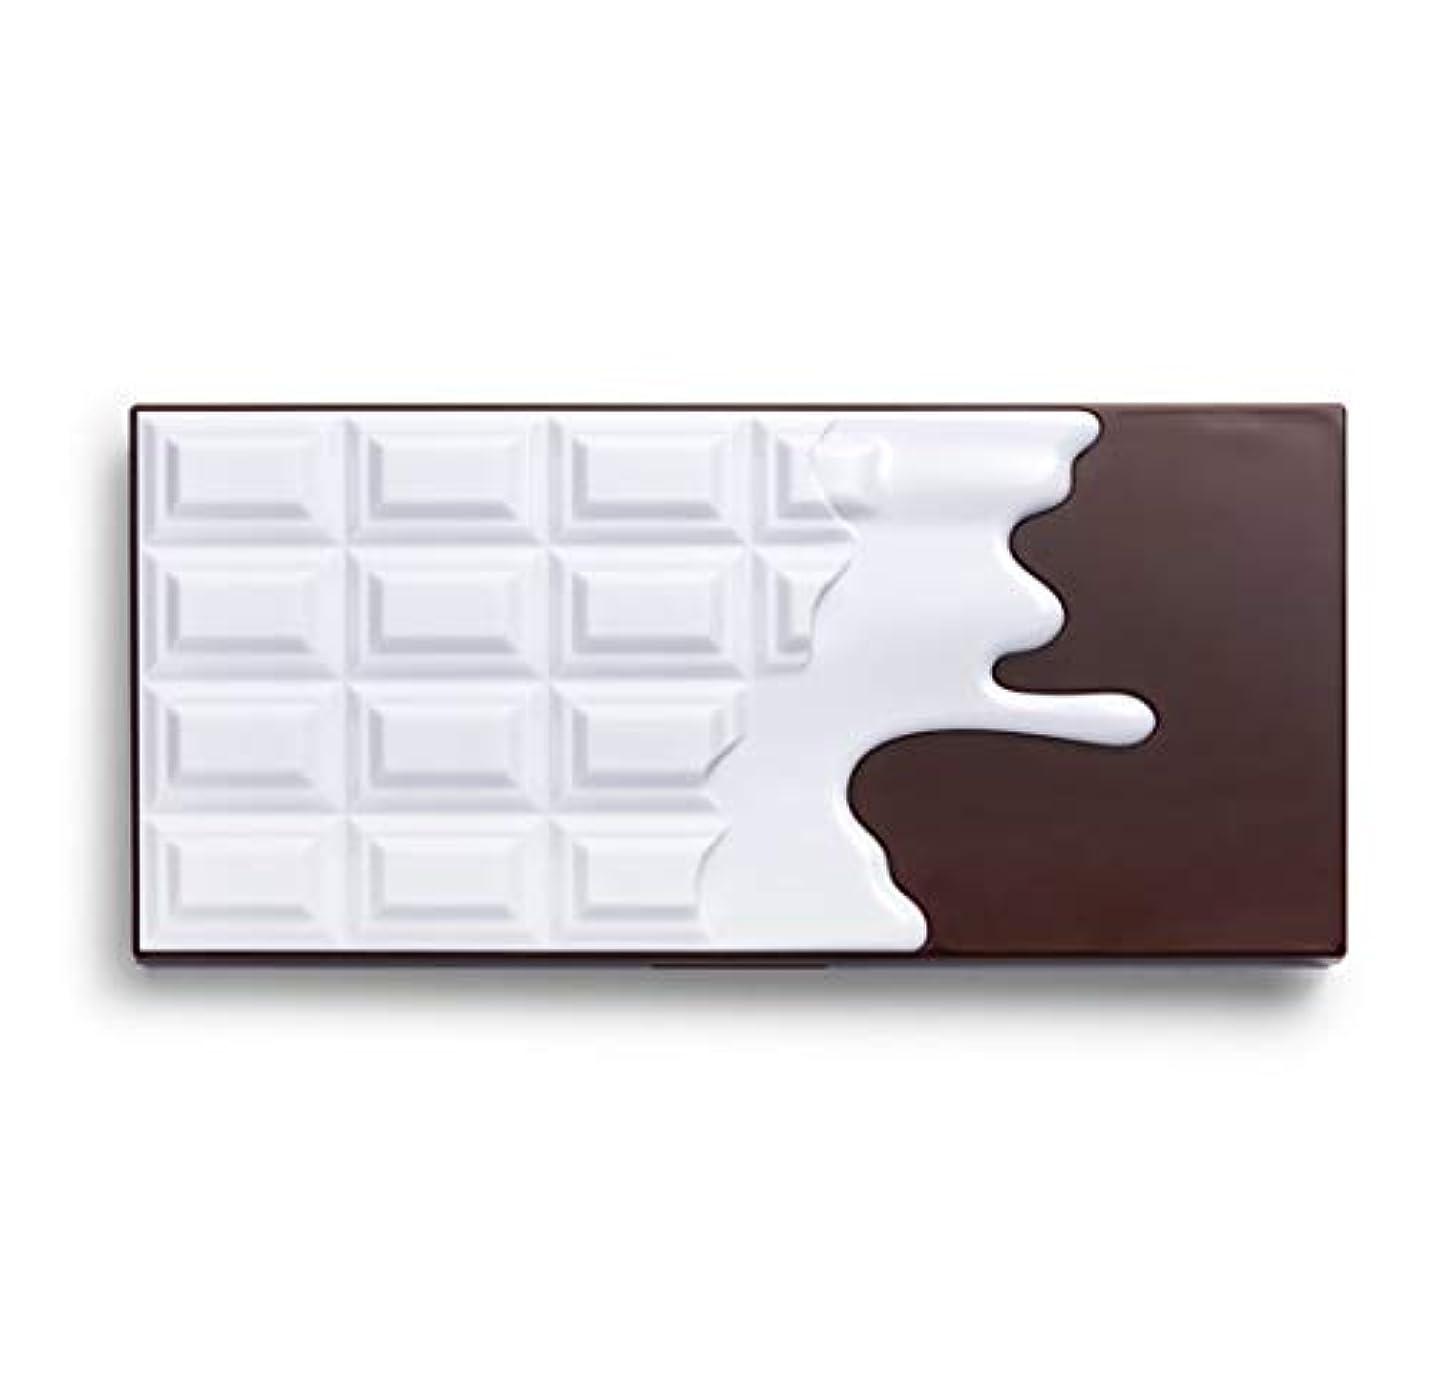 酸化物どれでも脅威メイクアップレボリューション アイラブメイクアップ チョコレート型18色アイシャドウパレット #Smores Chocolate